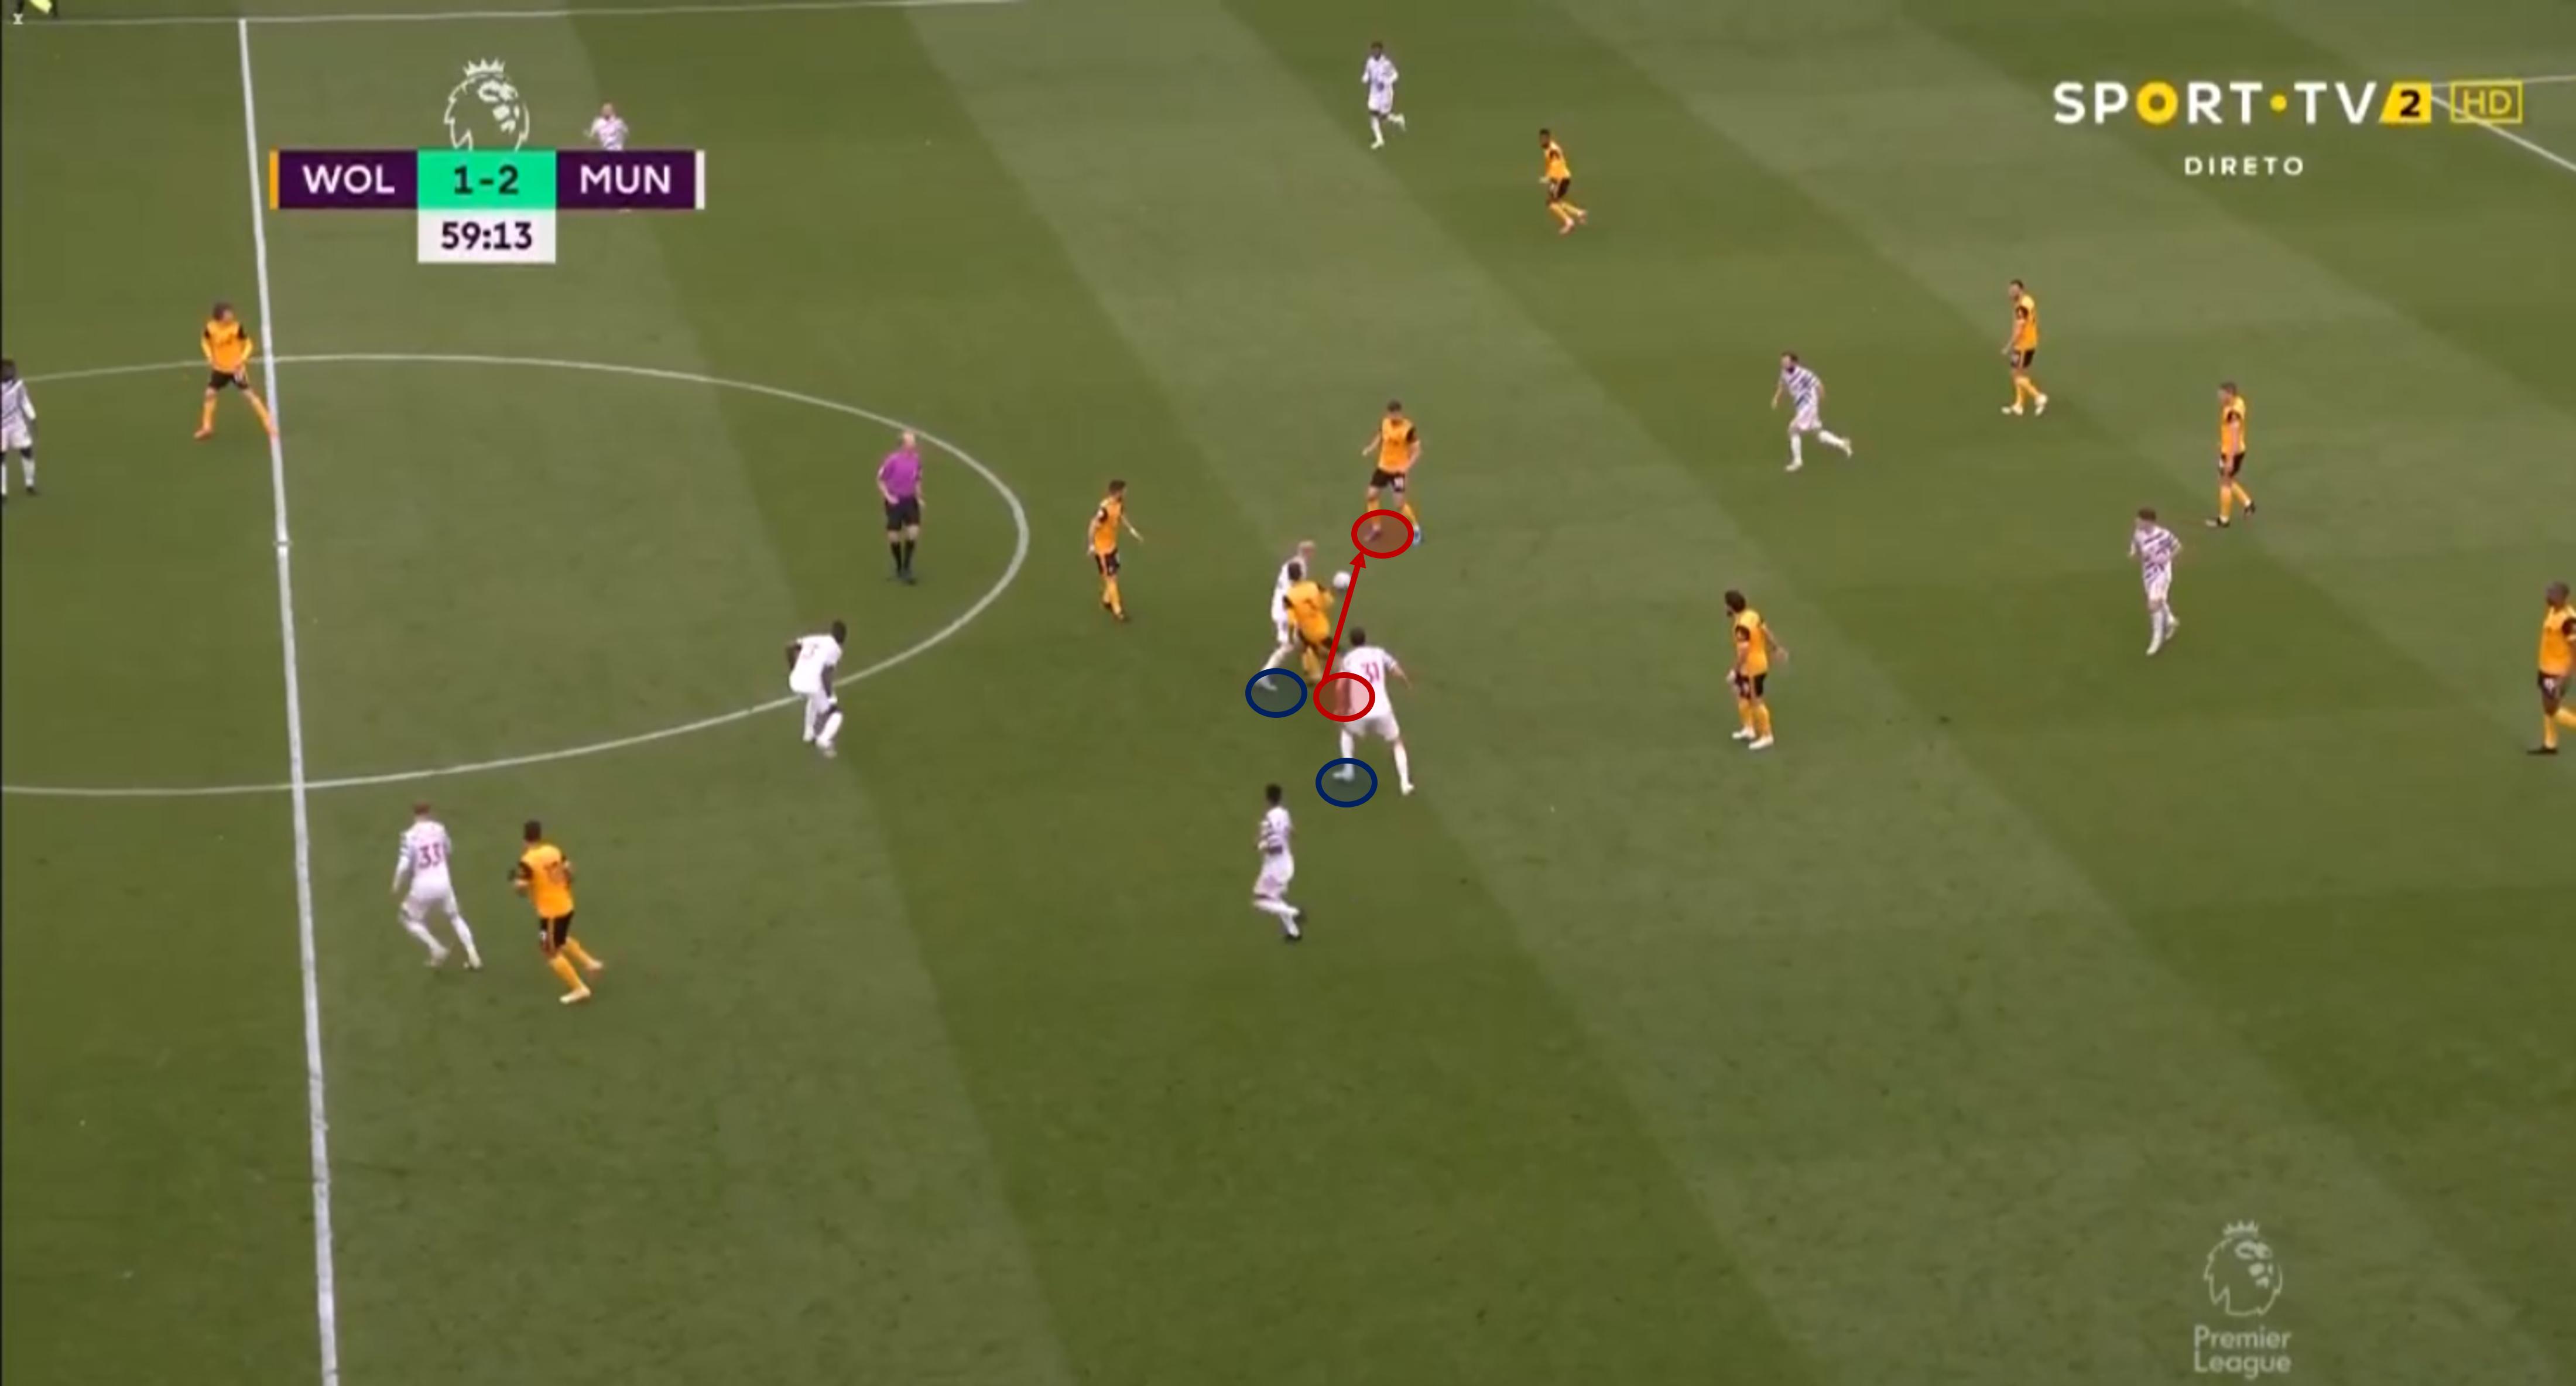 Wolves 2021/22: Rayan Aït-Nouri scout report - tactical analysis tactics